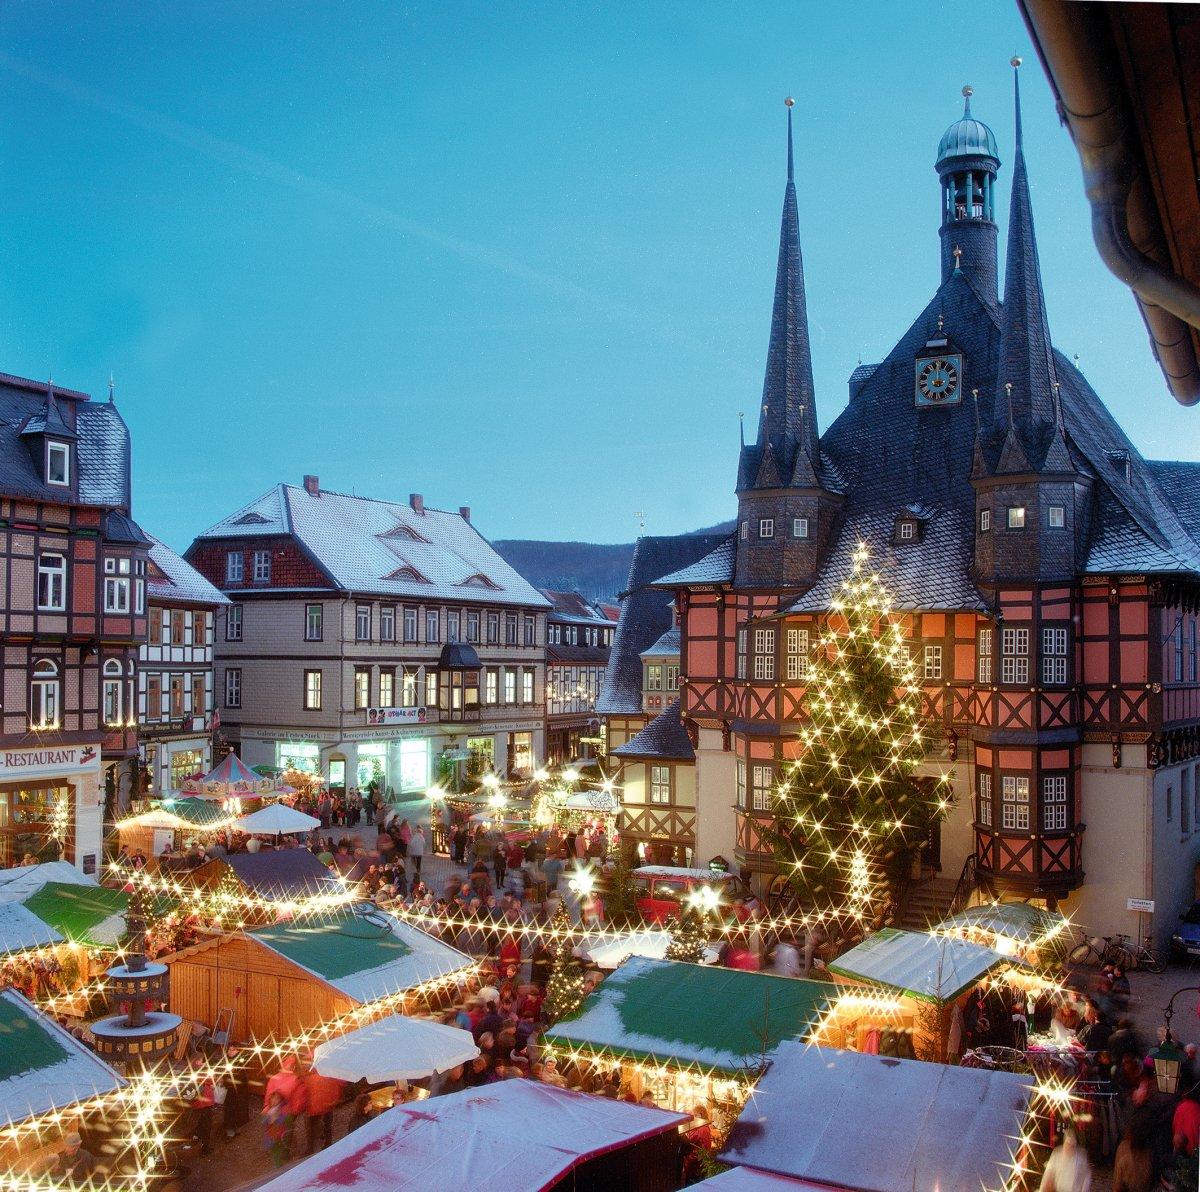 Wernigerode Weihnachtsmarkt.Peters Reisedienst Wernigerode